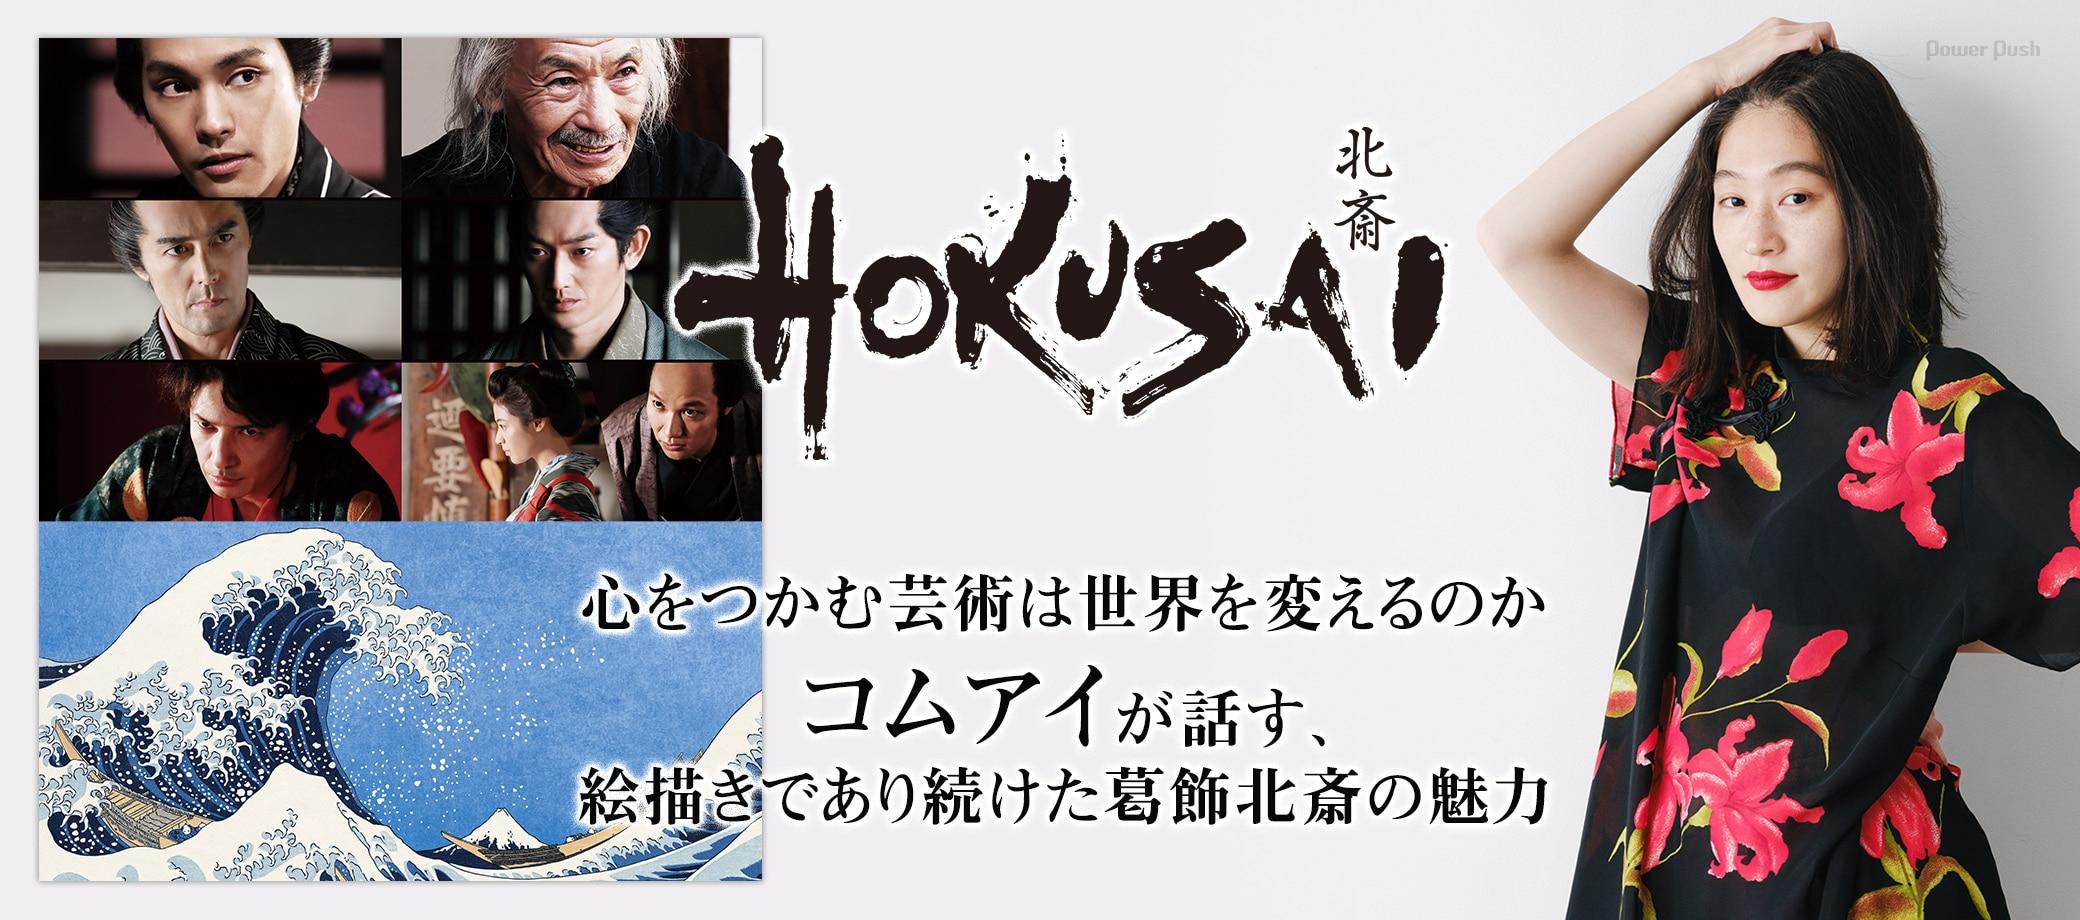 「HOKUSAI」 心をつかむ芸術は世界を変えるのか コムアイが話す、絵描きであり続けた葛飾北斎の魅力